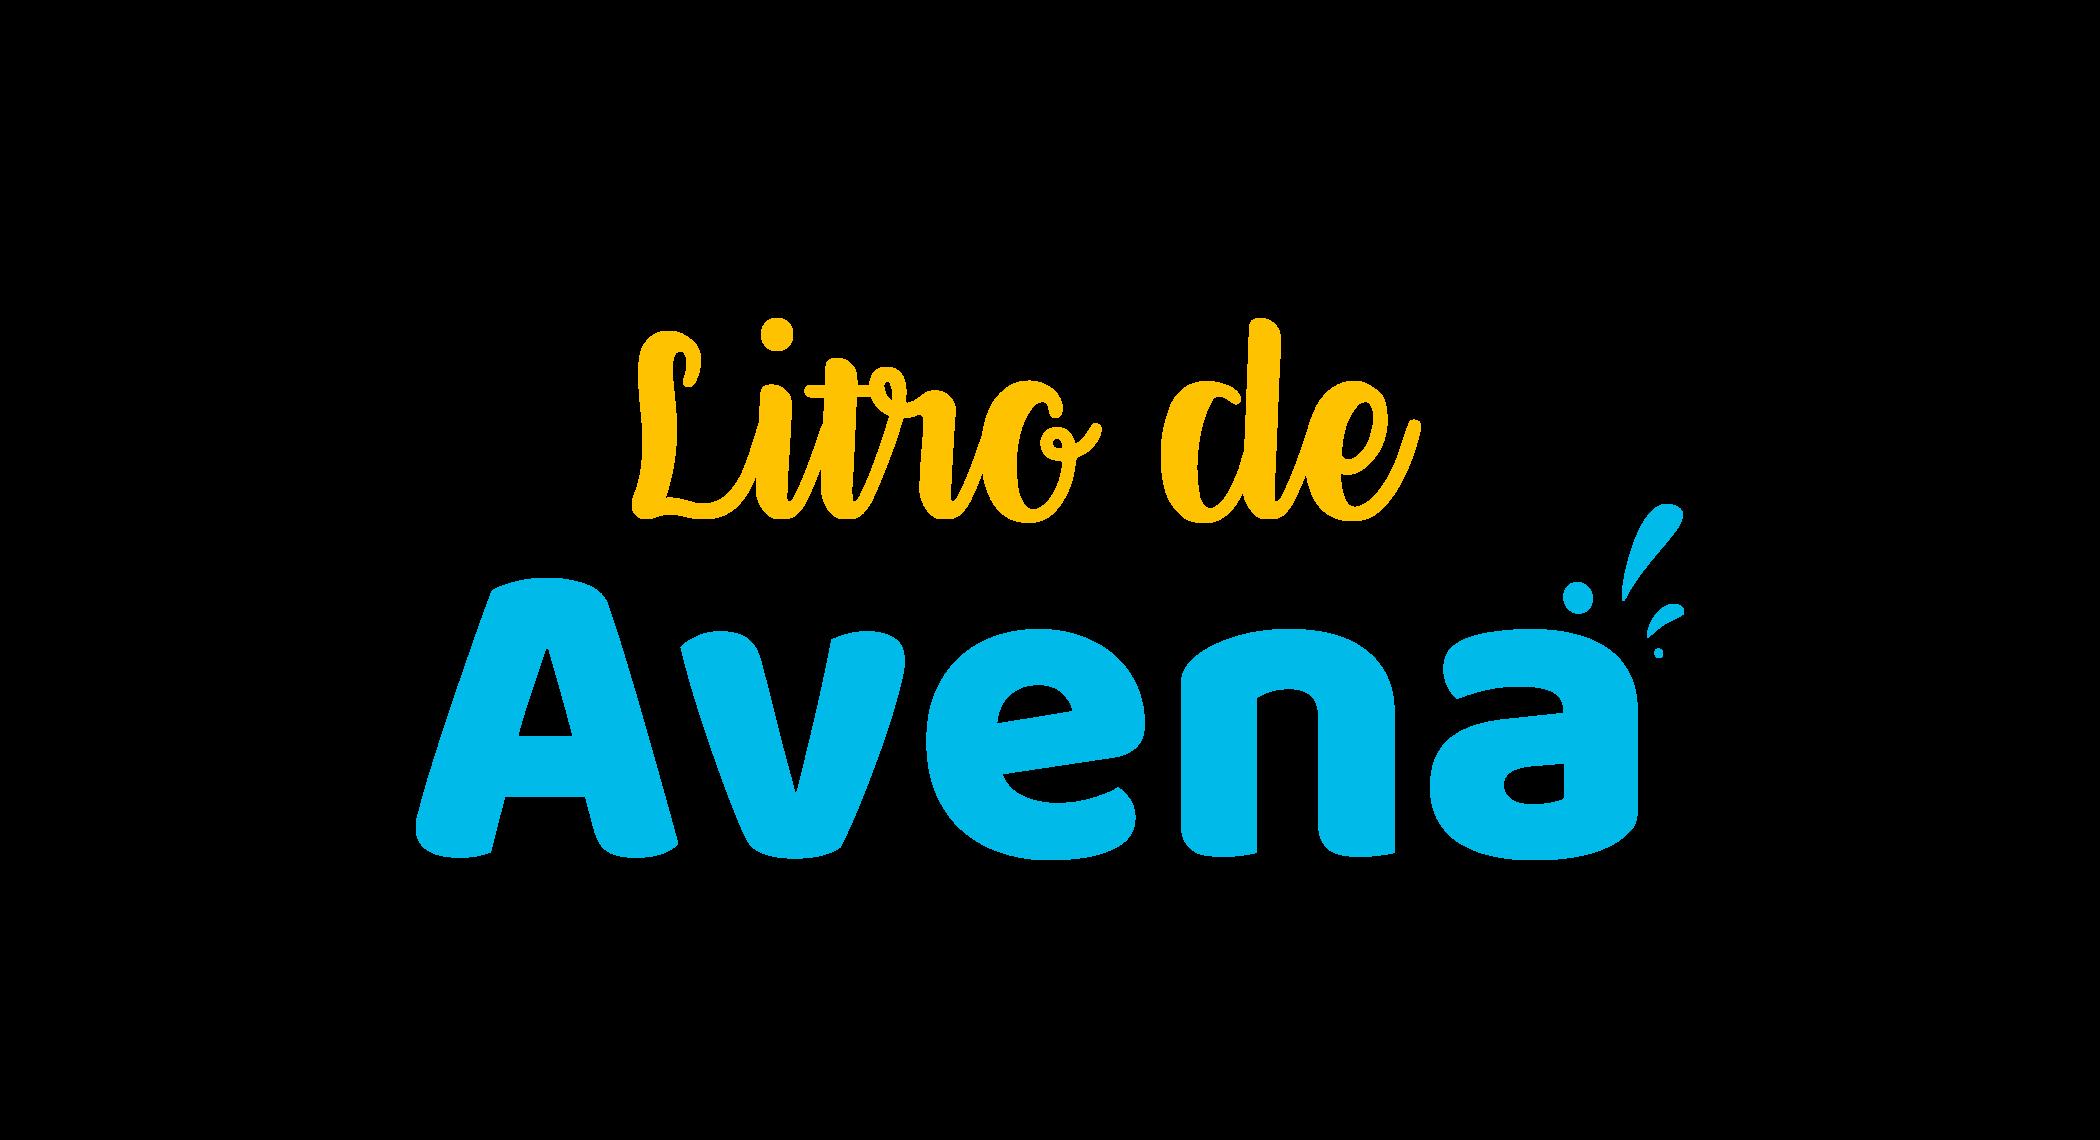 Avena Cubana, Avena litro